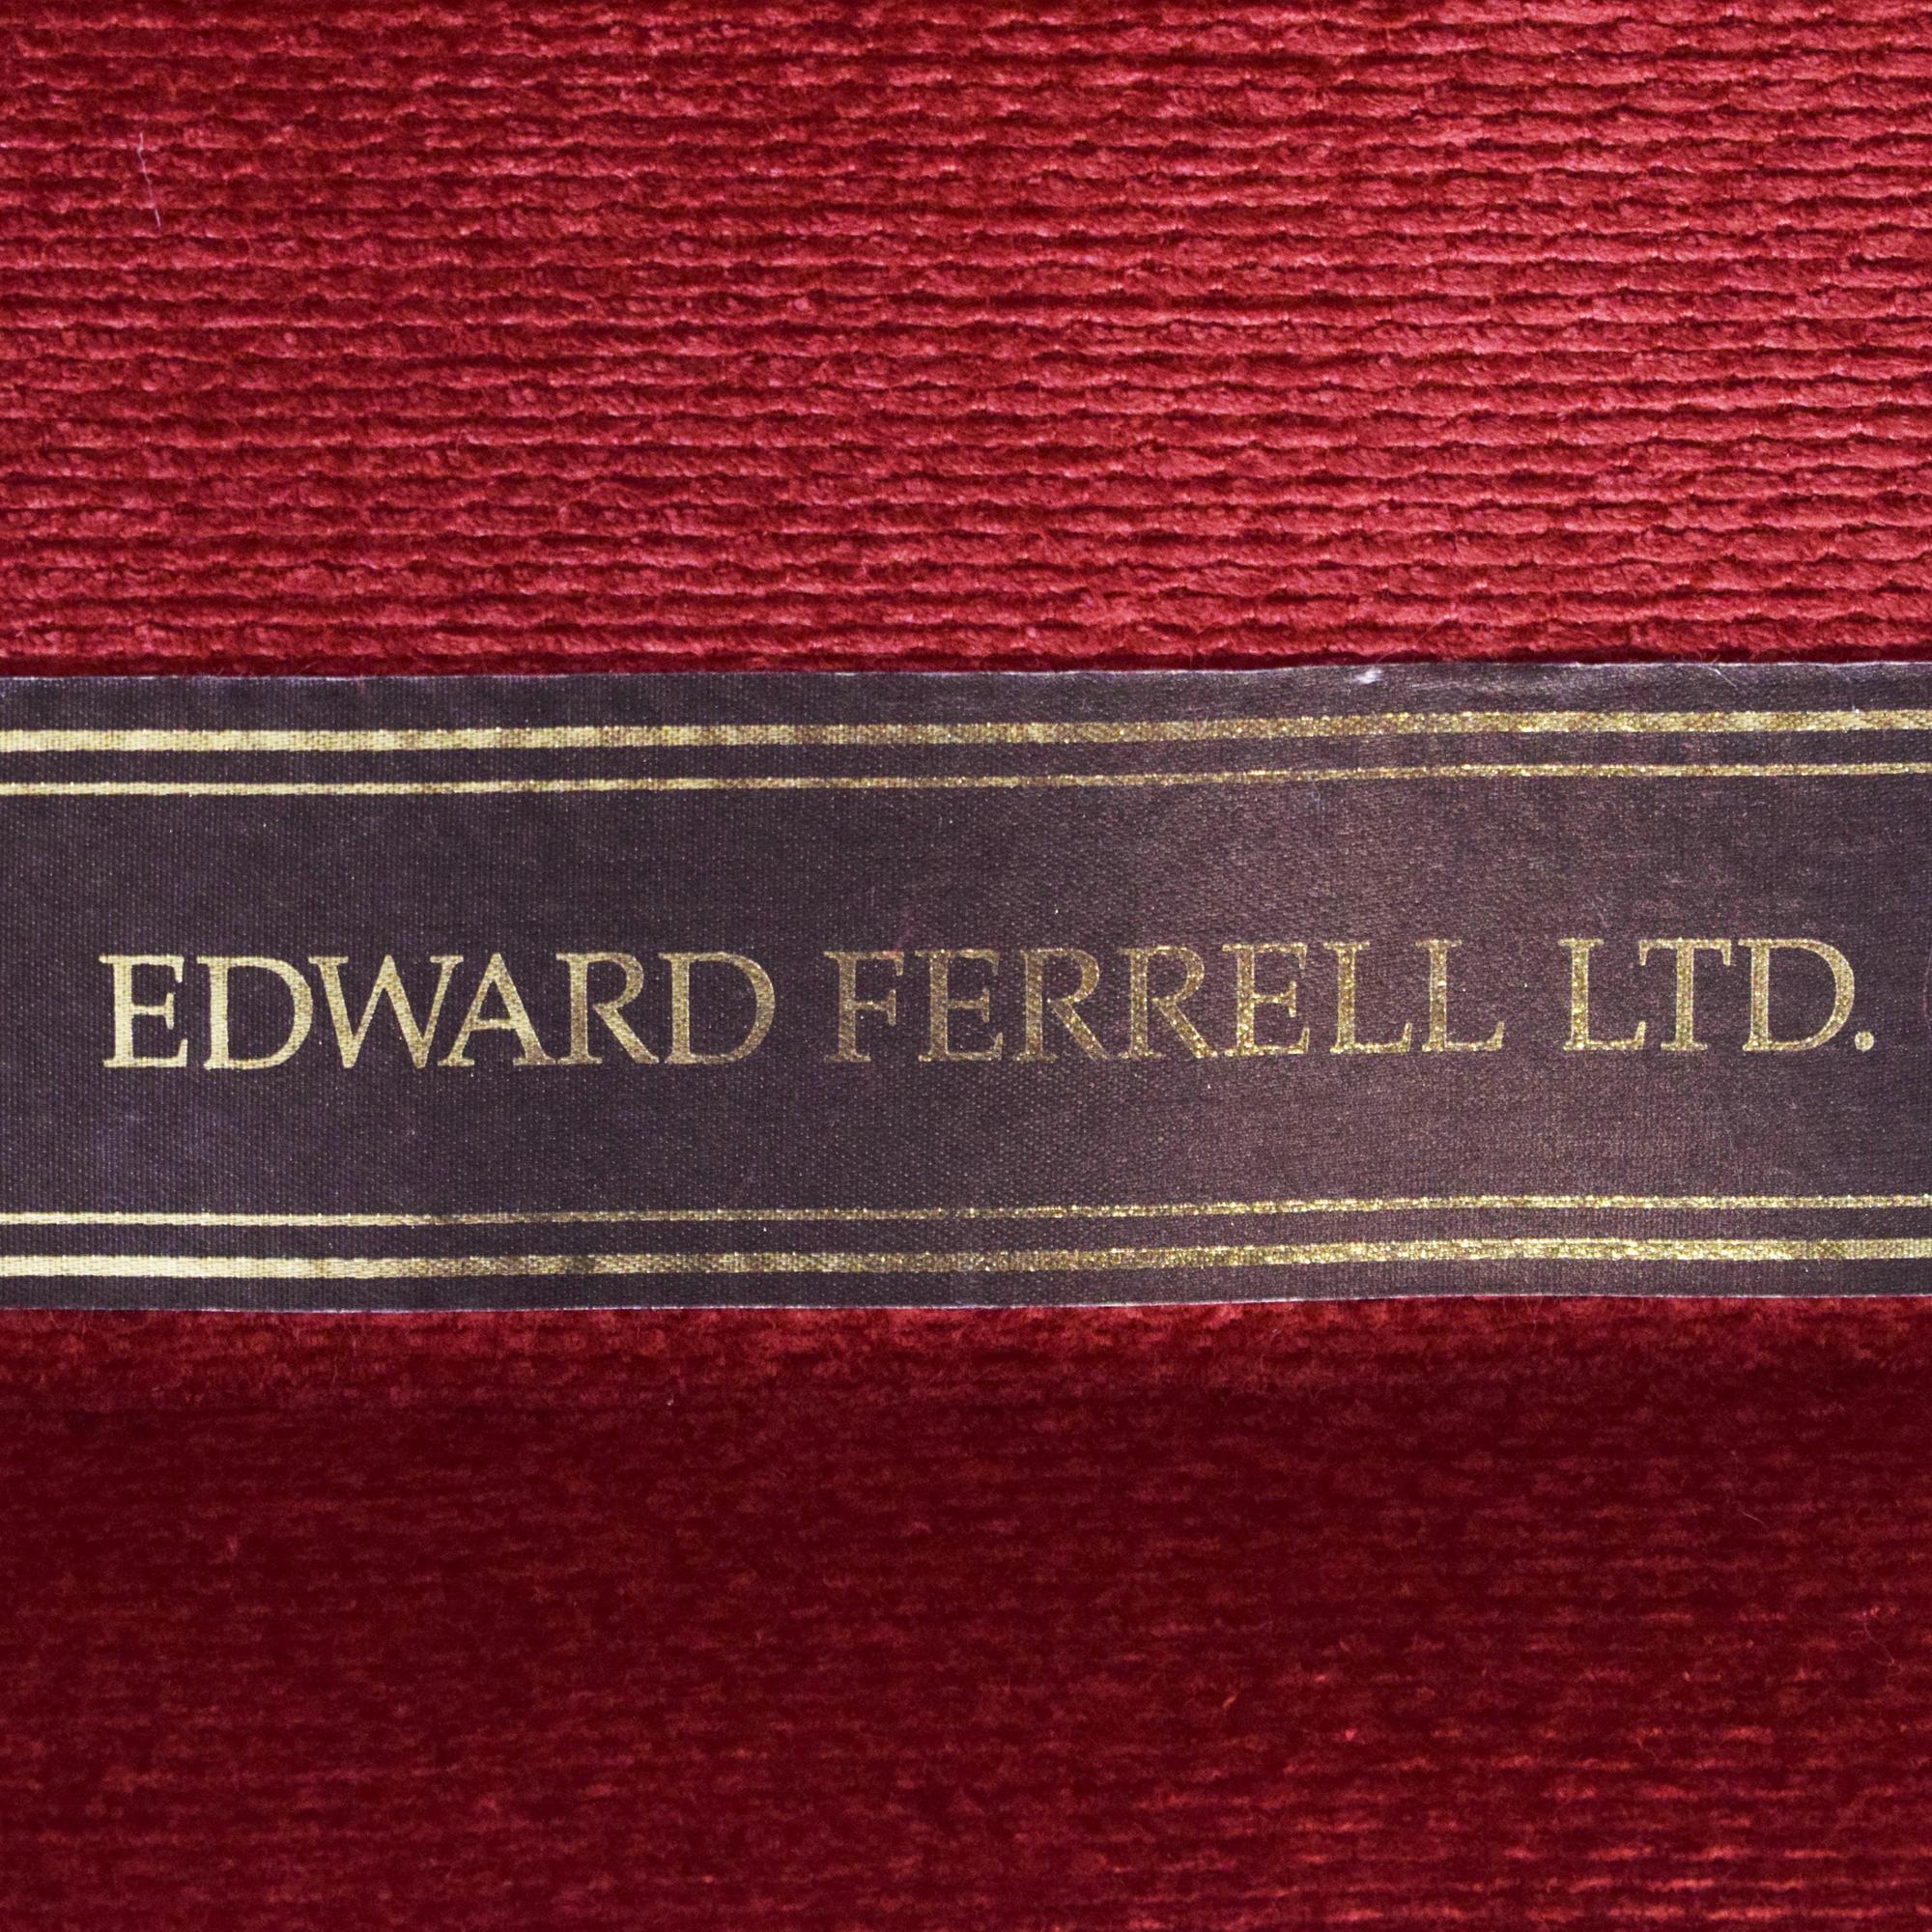 Ferrell Mittman Edward Ferrell Loveseat and Ottoman used